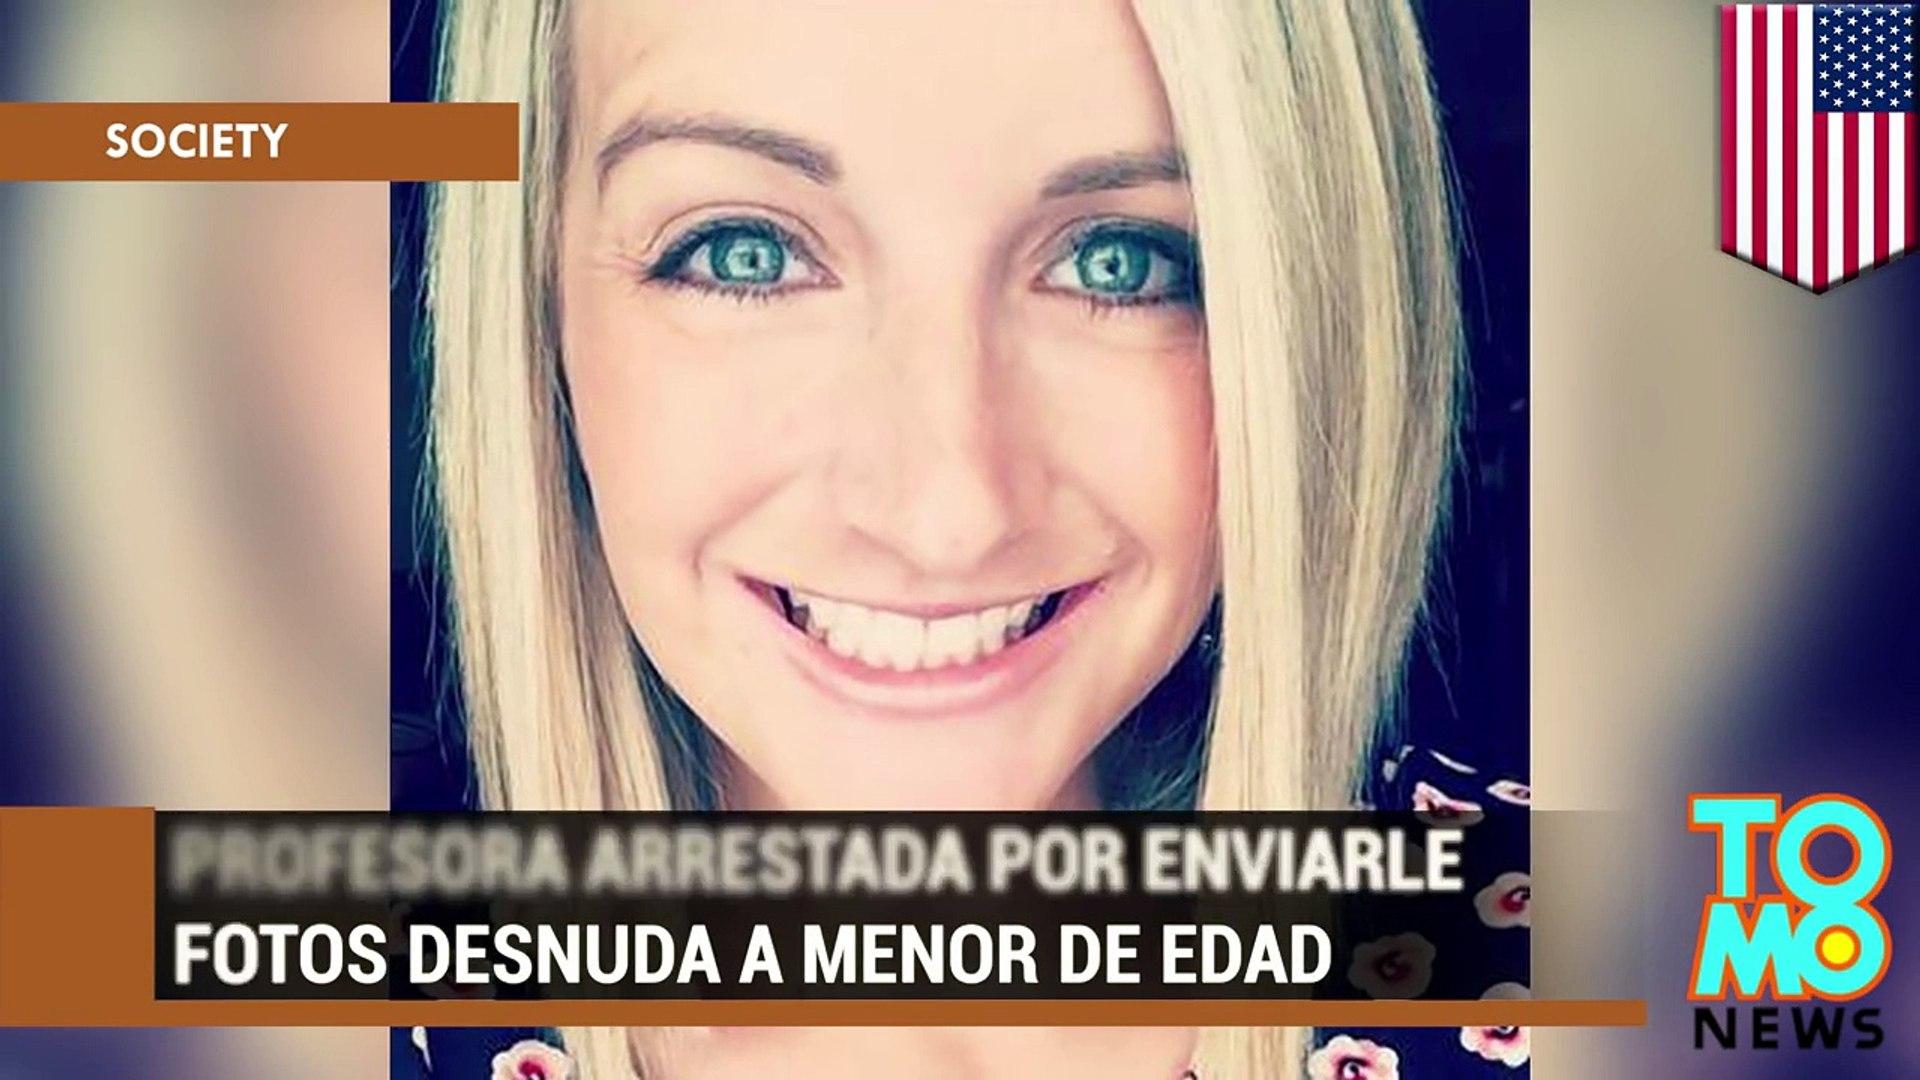 Profesora Arrestada Por Enviarle Fotos De Ella Desnuda A Un Menor De Edad